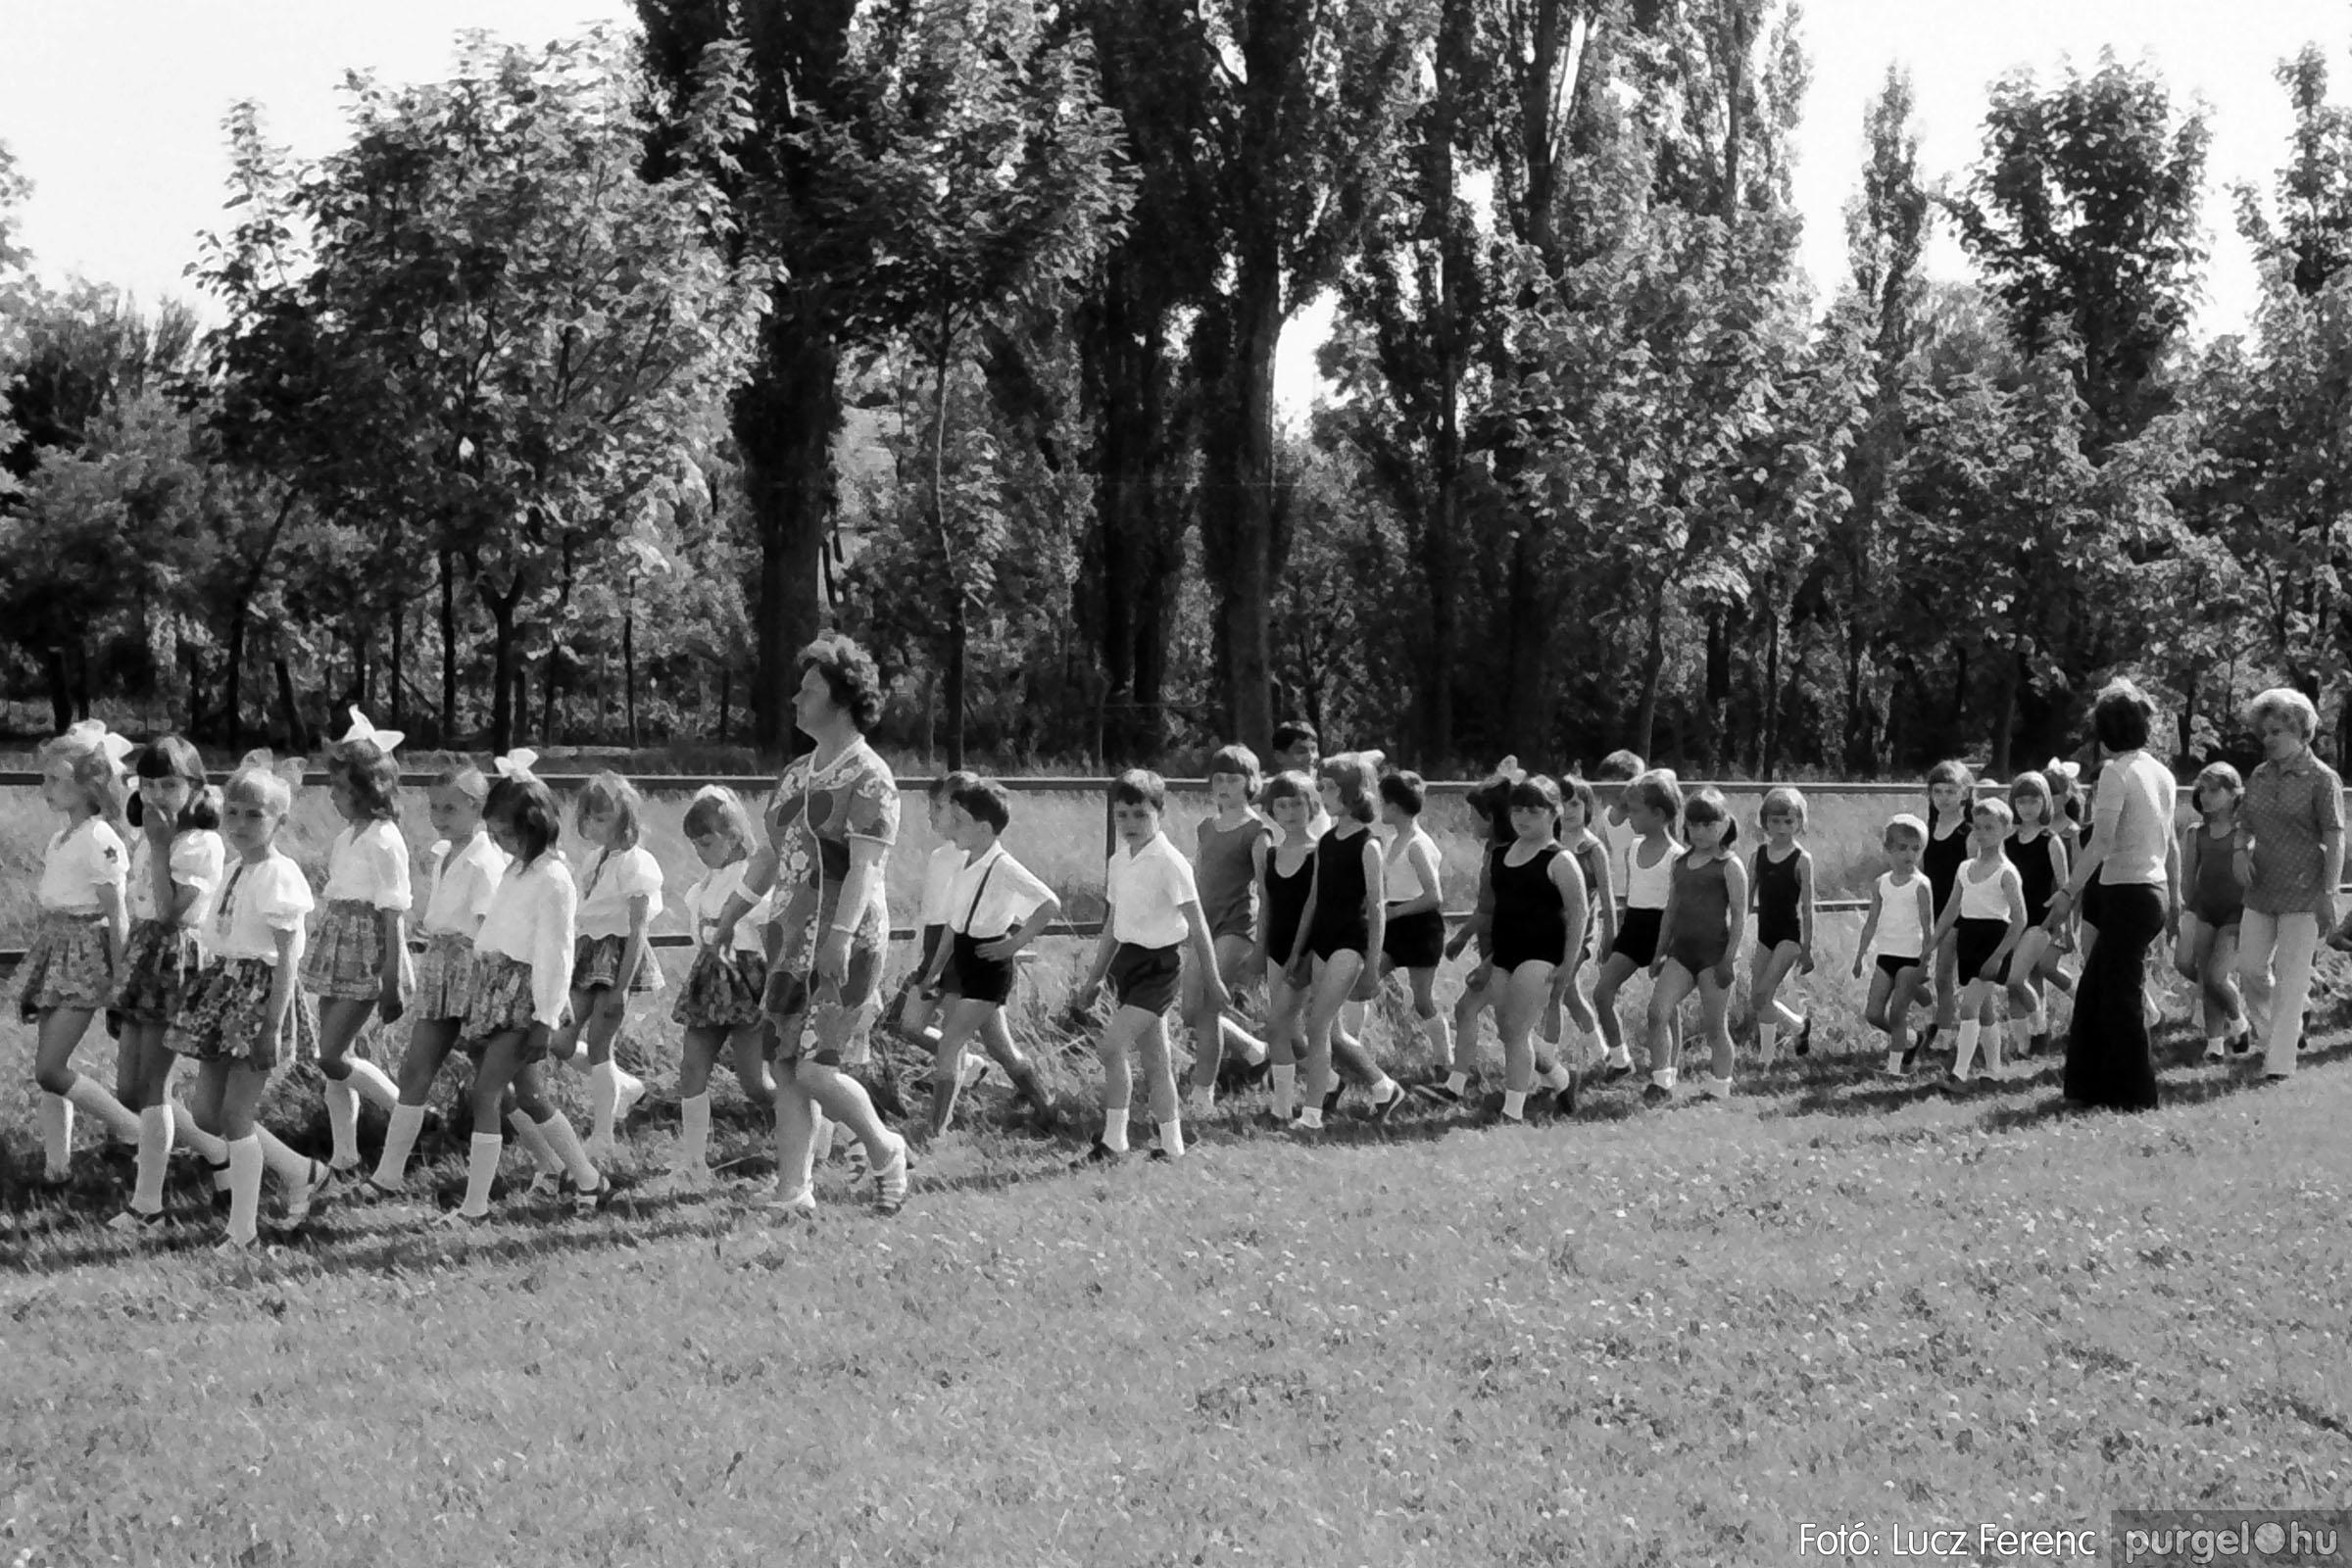 017 1975.04. Május elsejei tornabemutató főpróbája a sportpályán 016 - Fotó: Lucz Ferenc IMG00017q.jpg